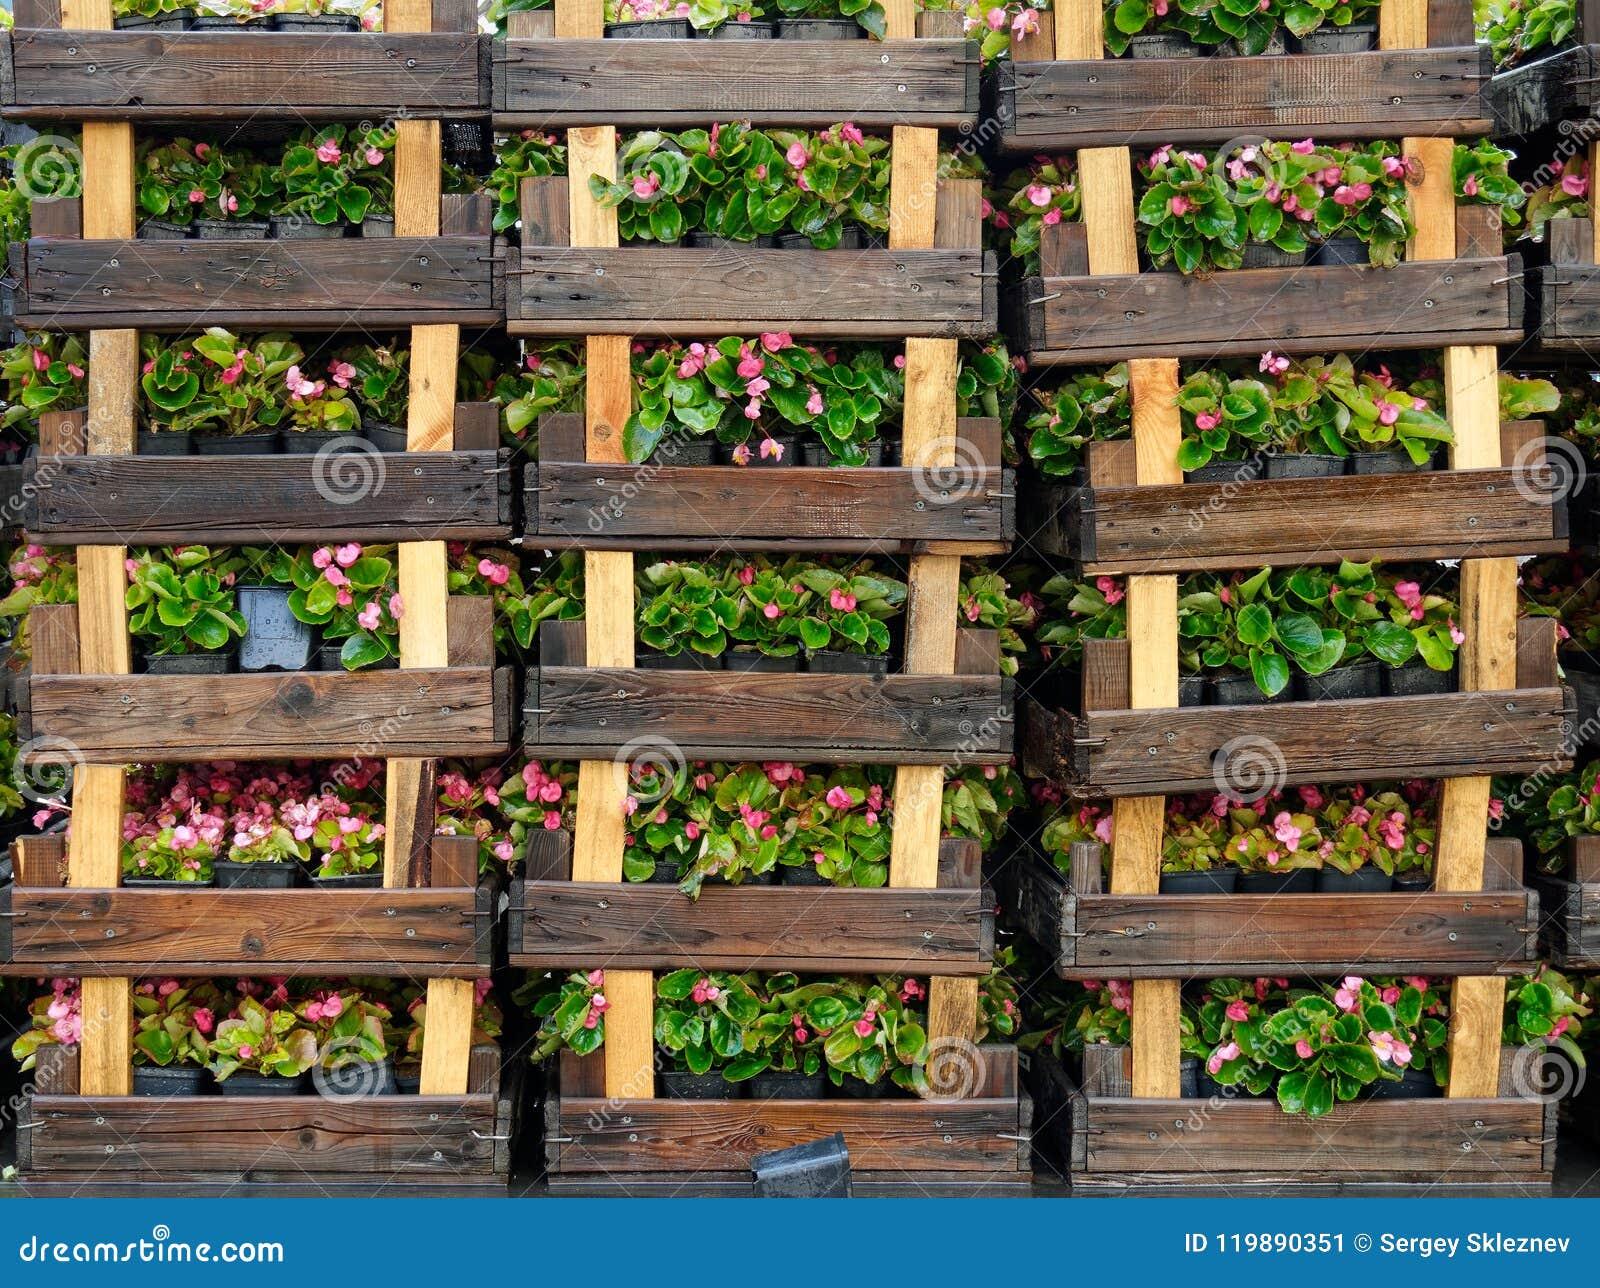 Planter Dans Une Caisse En Bois caisses en bois avec des fleurs image stock - image du